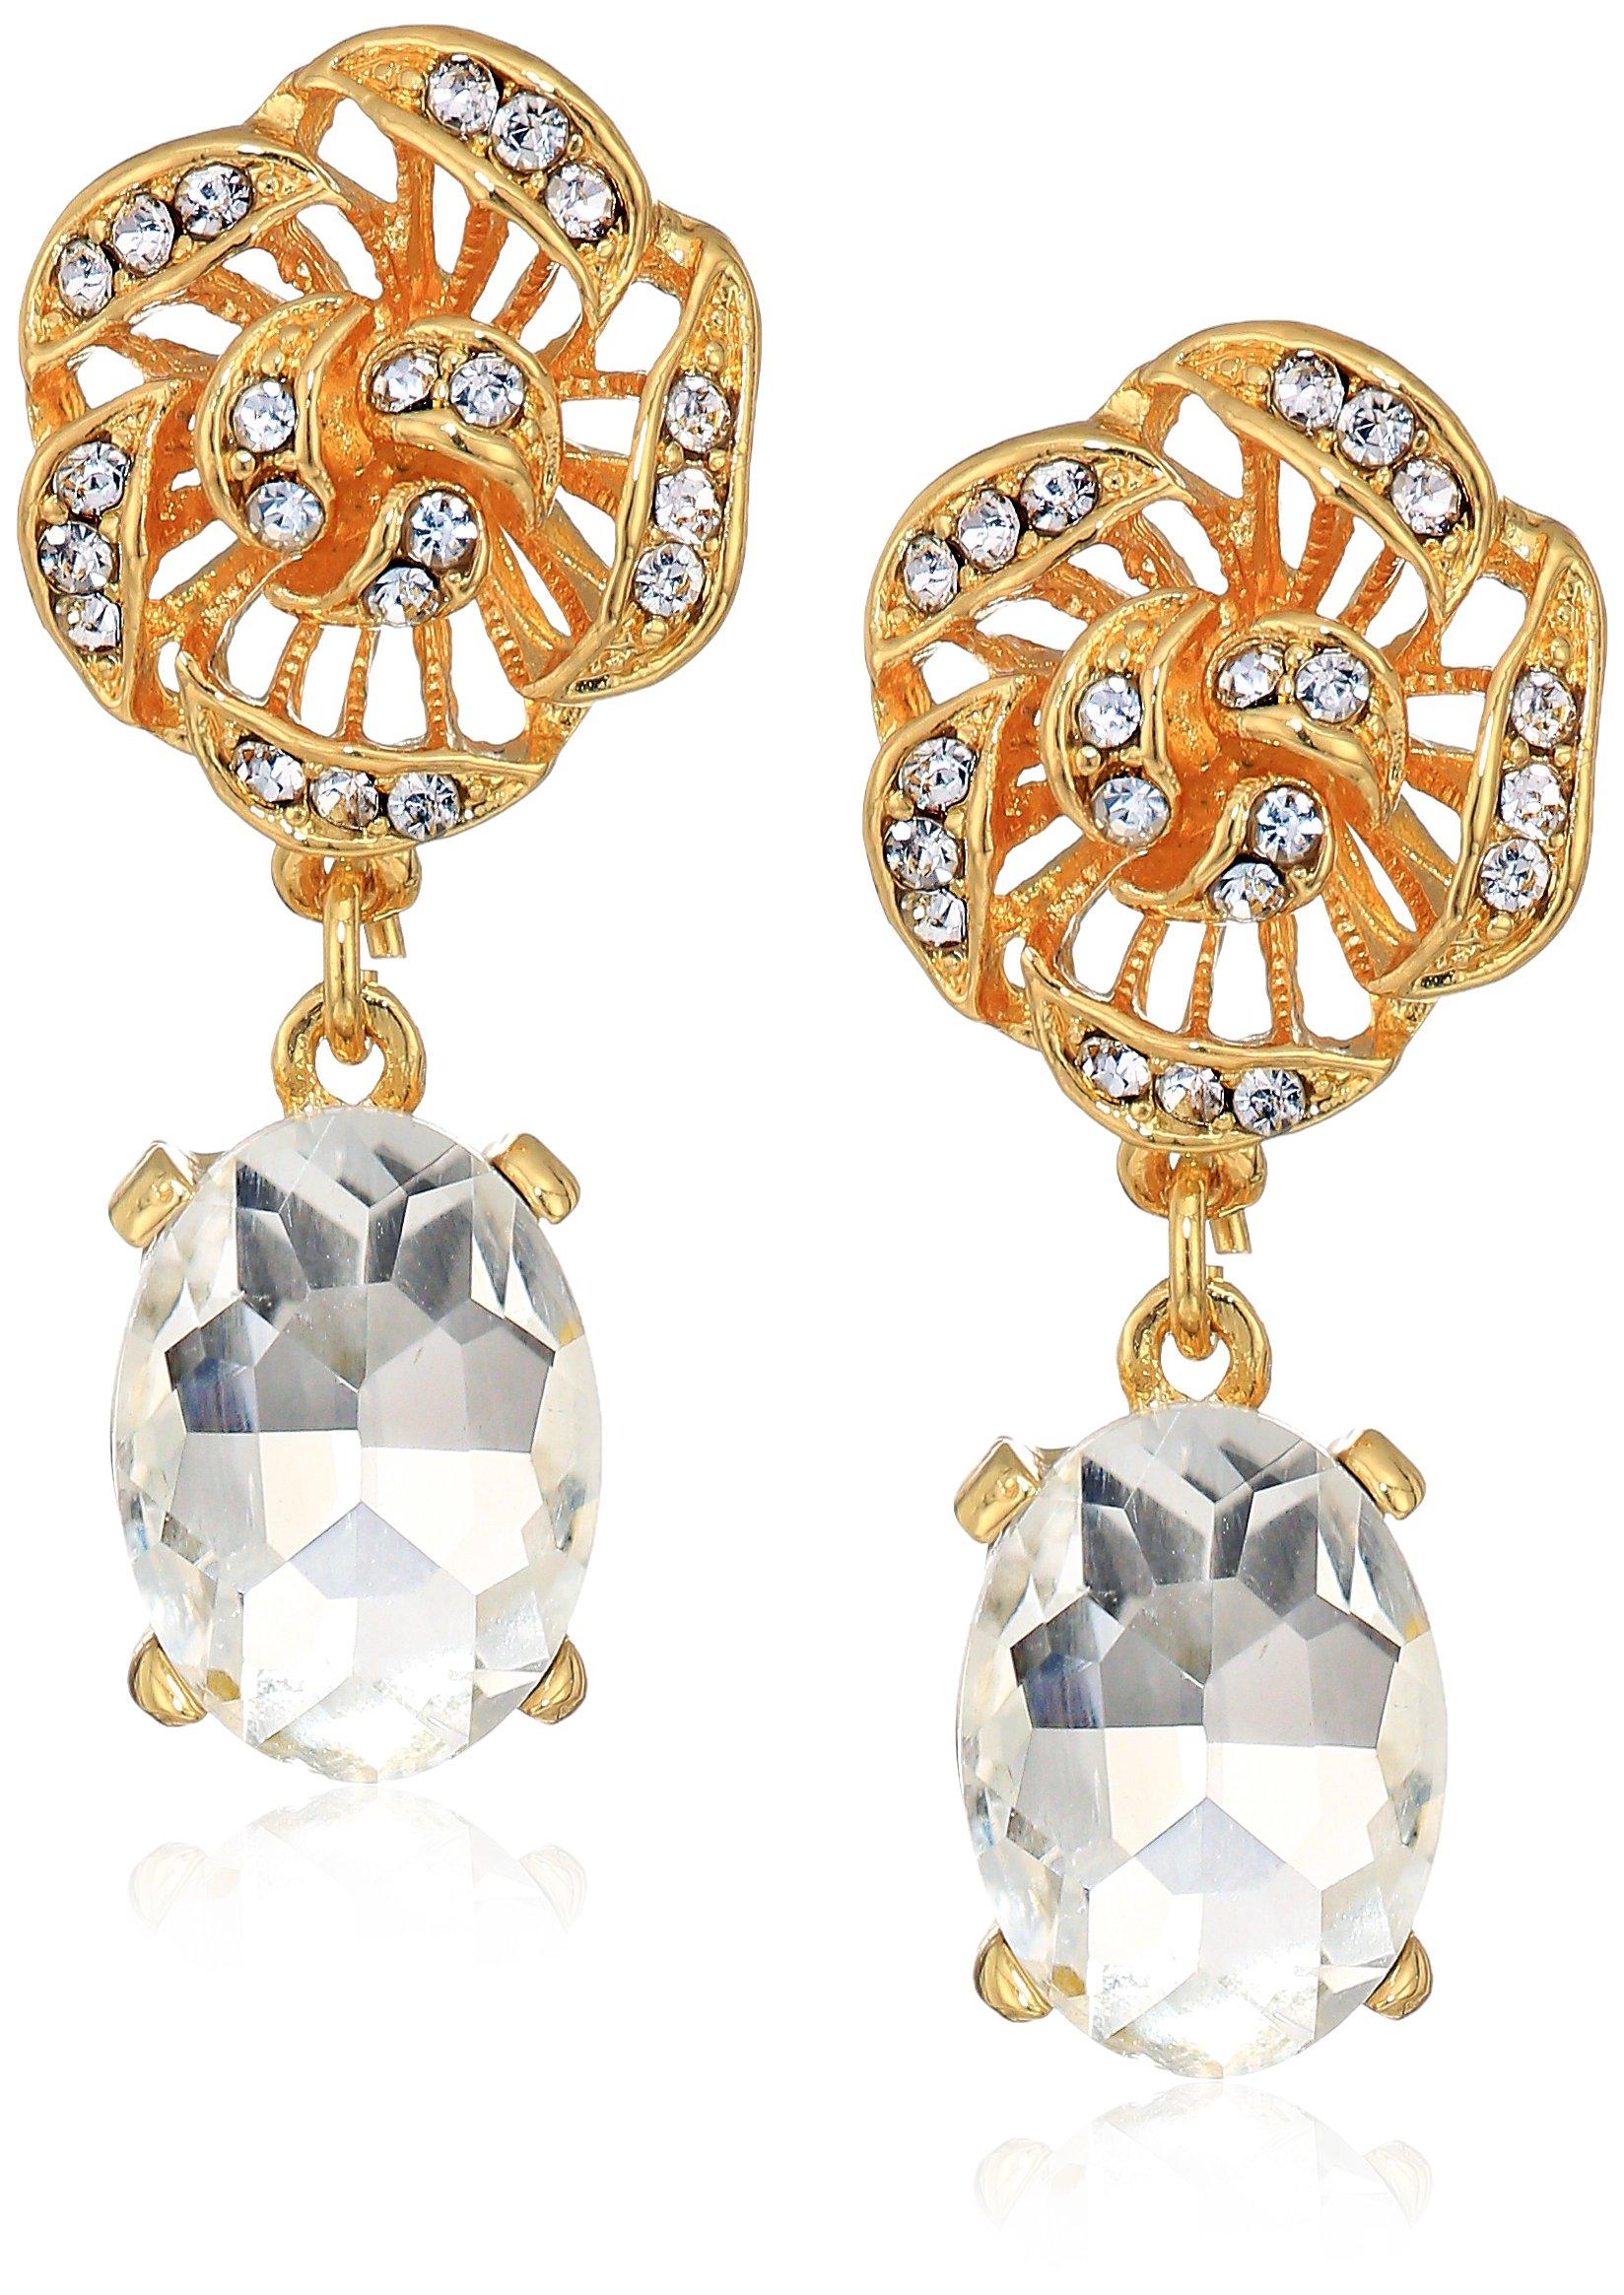 Badgley Mischka Women's Flower Top Crystal Gold Drop Earrings, One Size